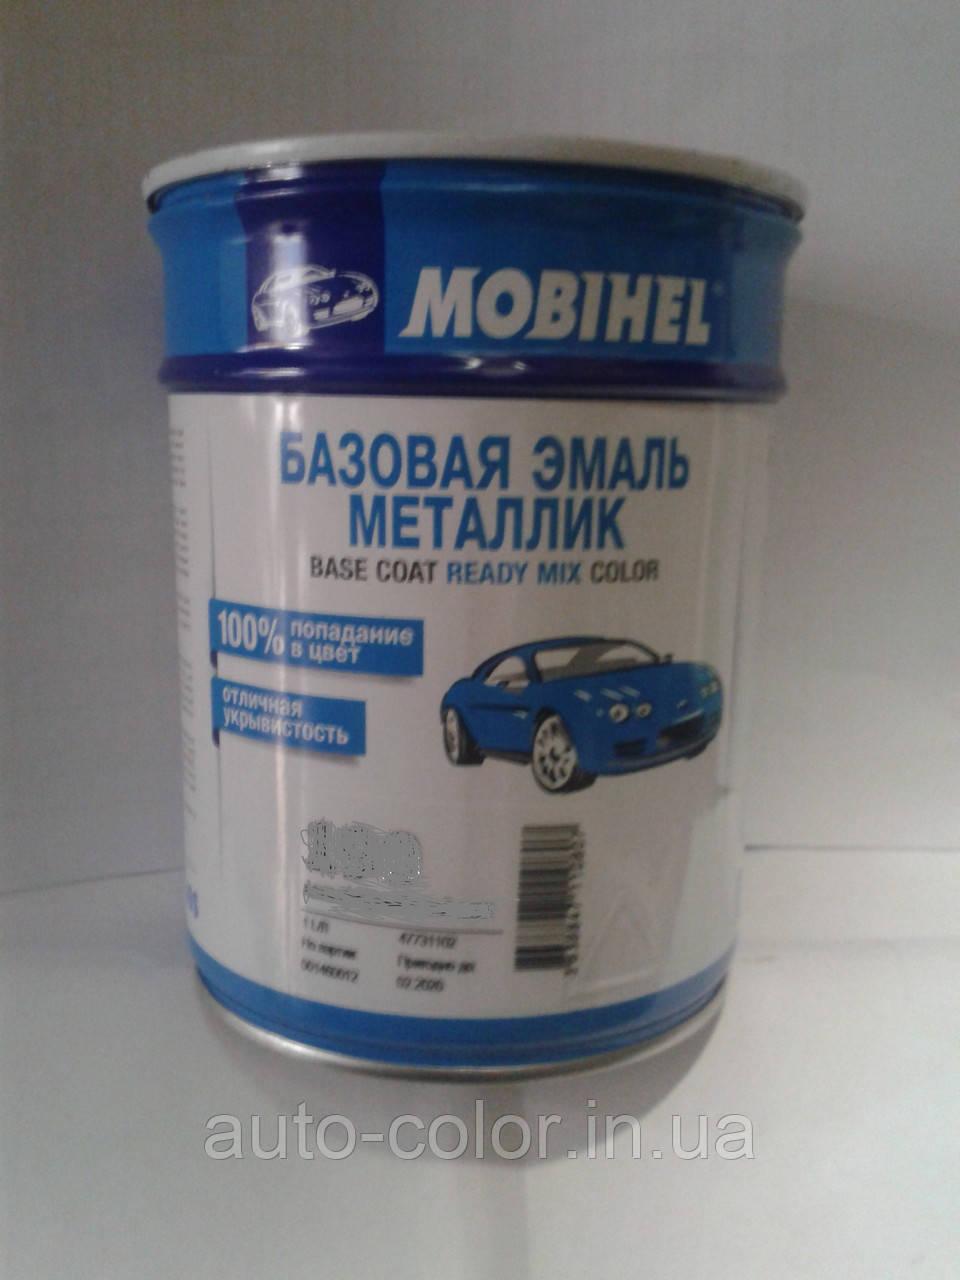 Автоэмаль базовая металлик Mobihel  129 Виктория  1л